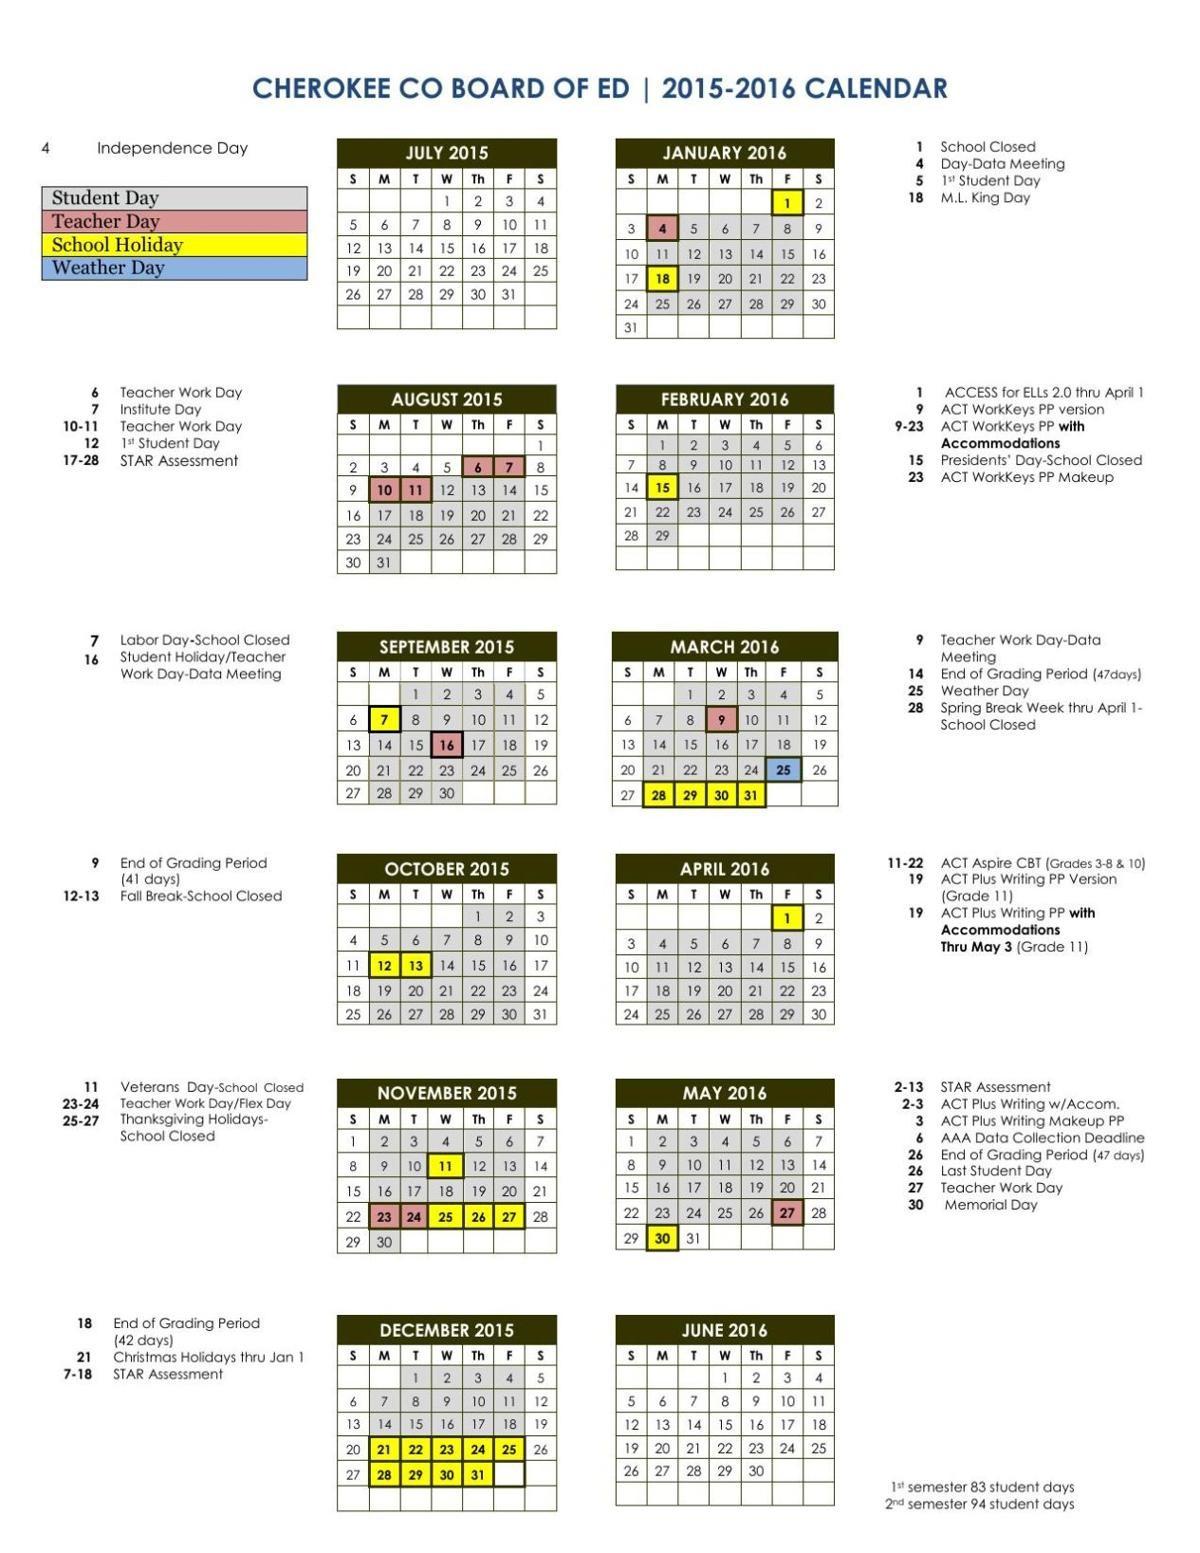 551Eb3C8Bae19 Preview Jpg Resize 1200 2C1553 15 Uga Academic for 2019- 2020 Calendar Printable Uga